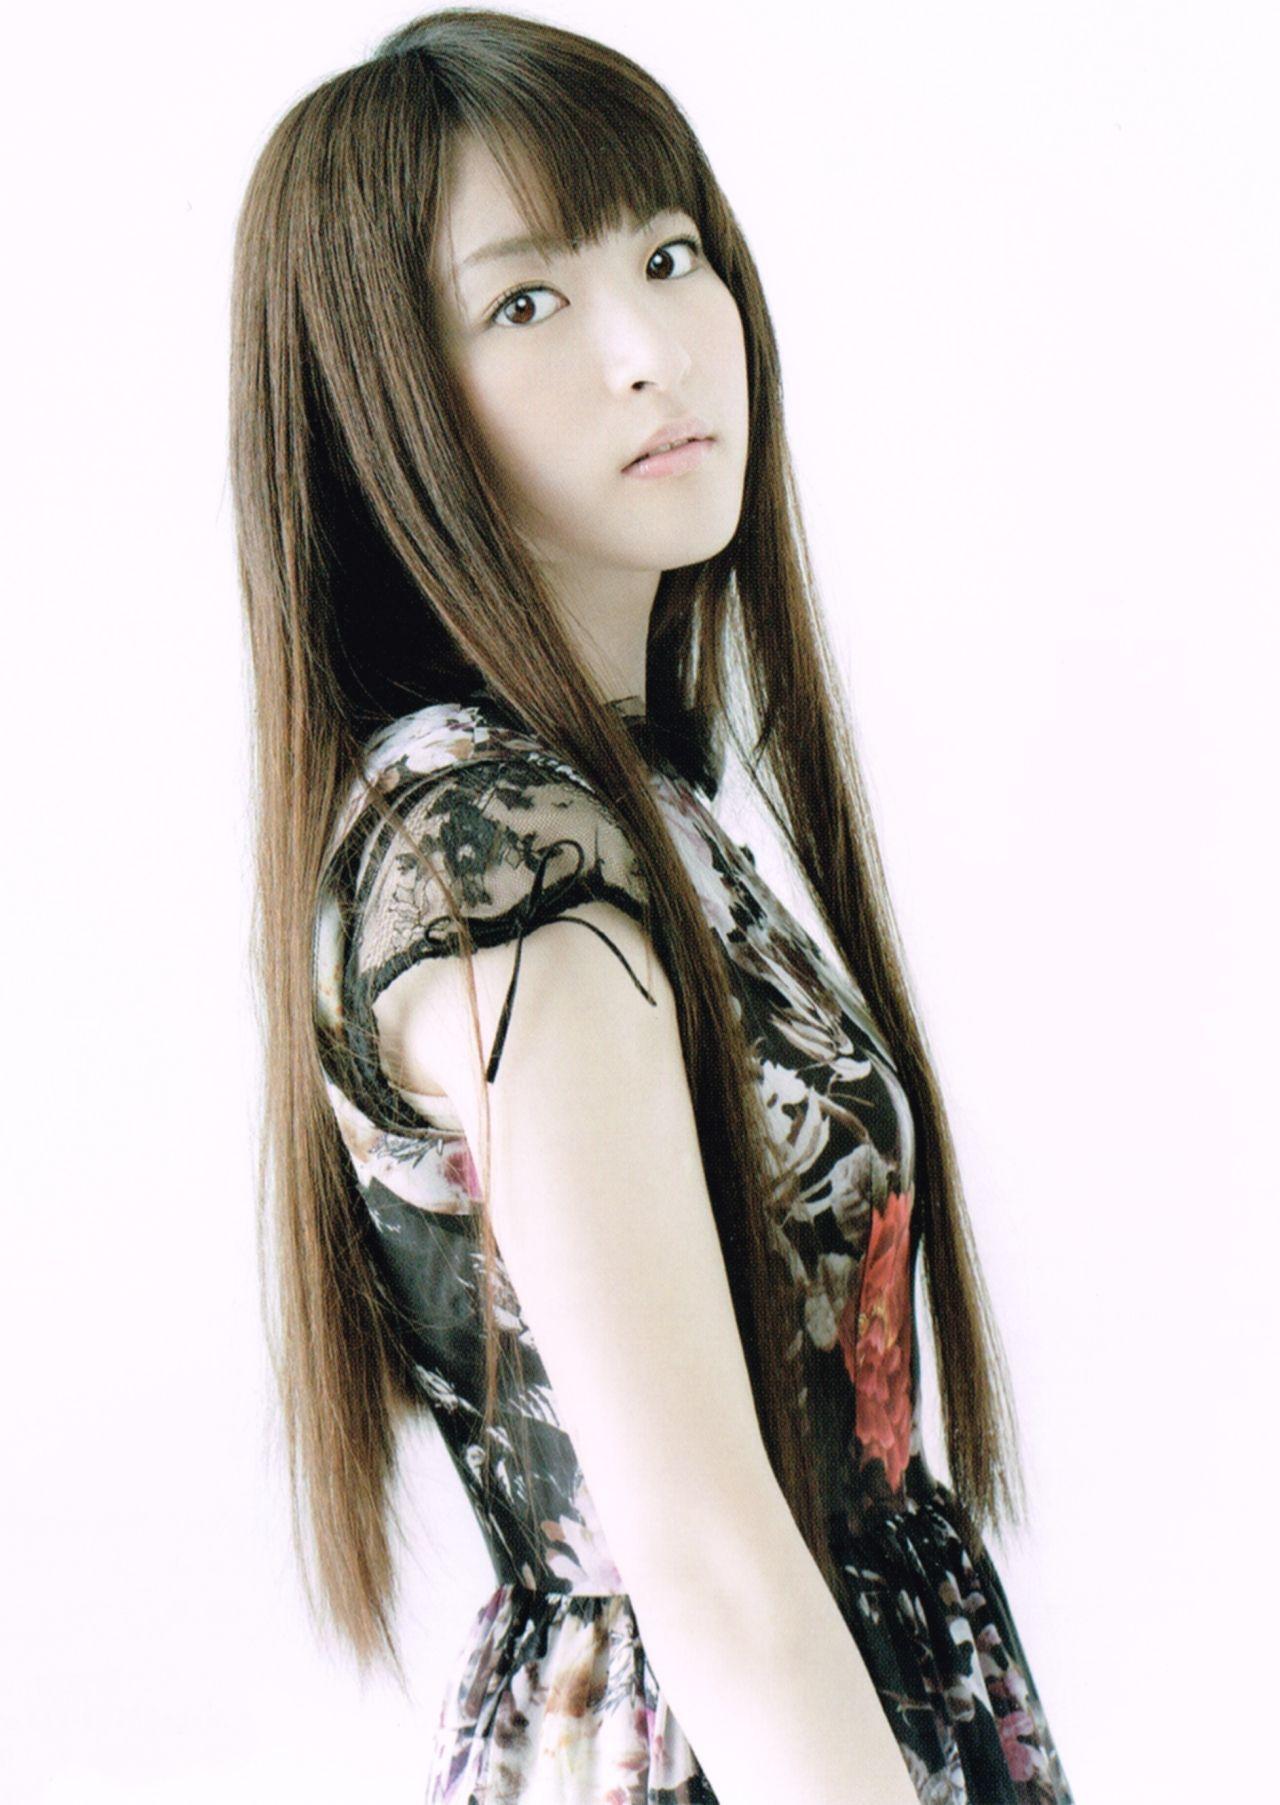 小松未可子さんのインナー姿